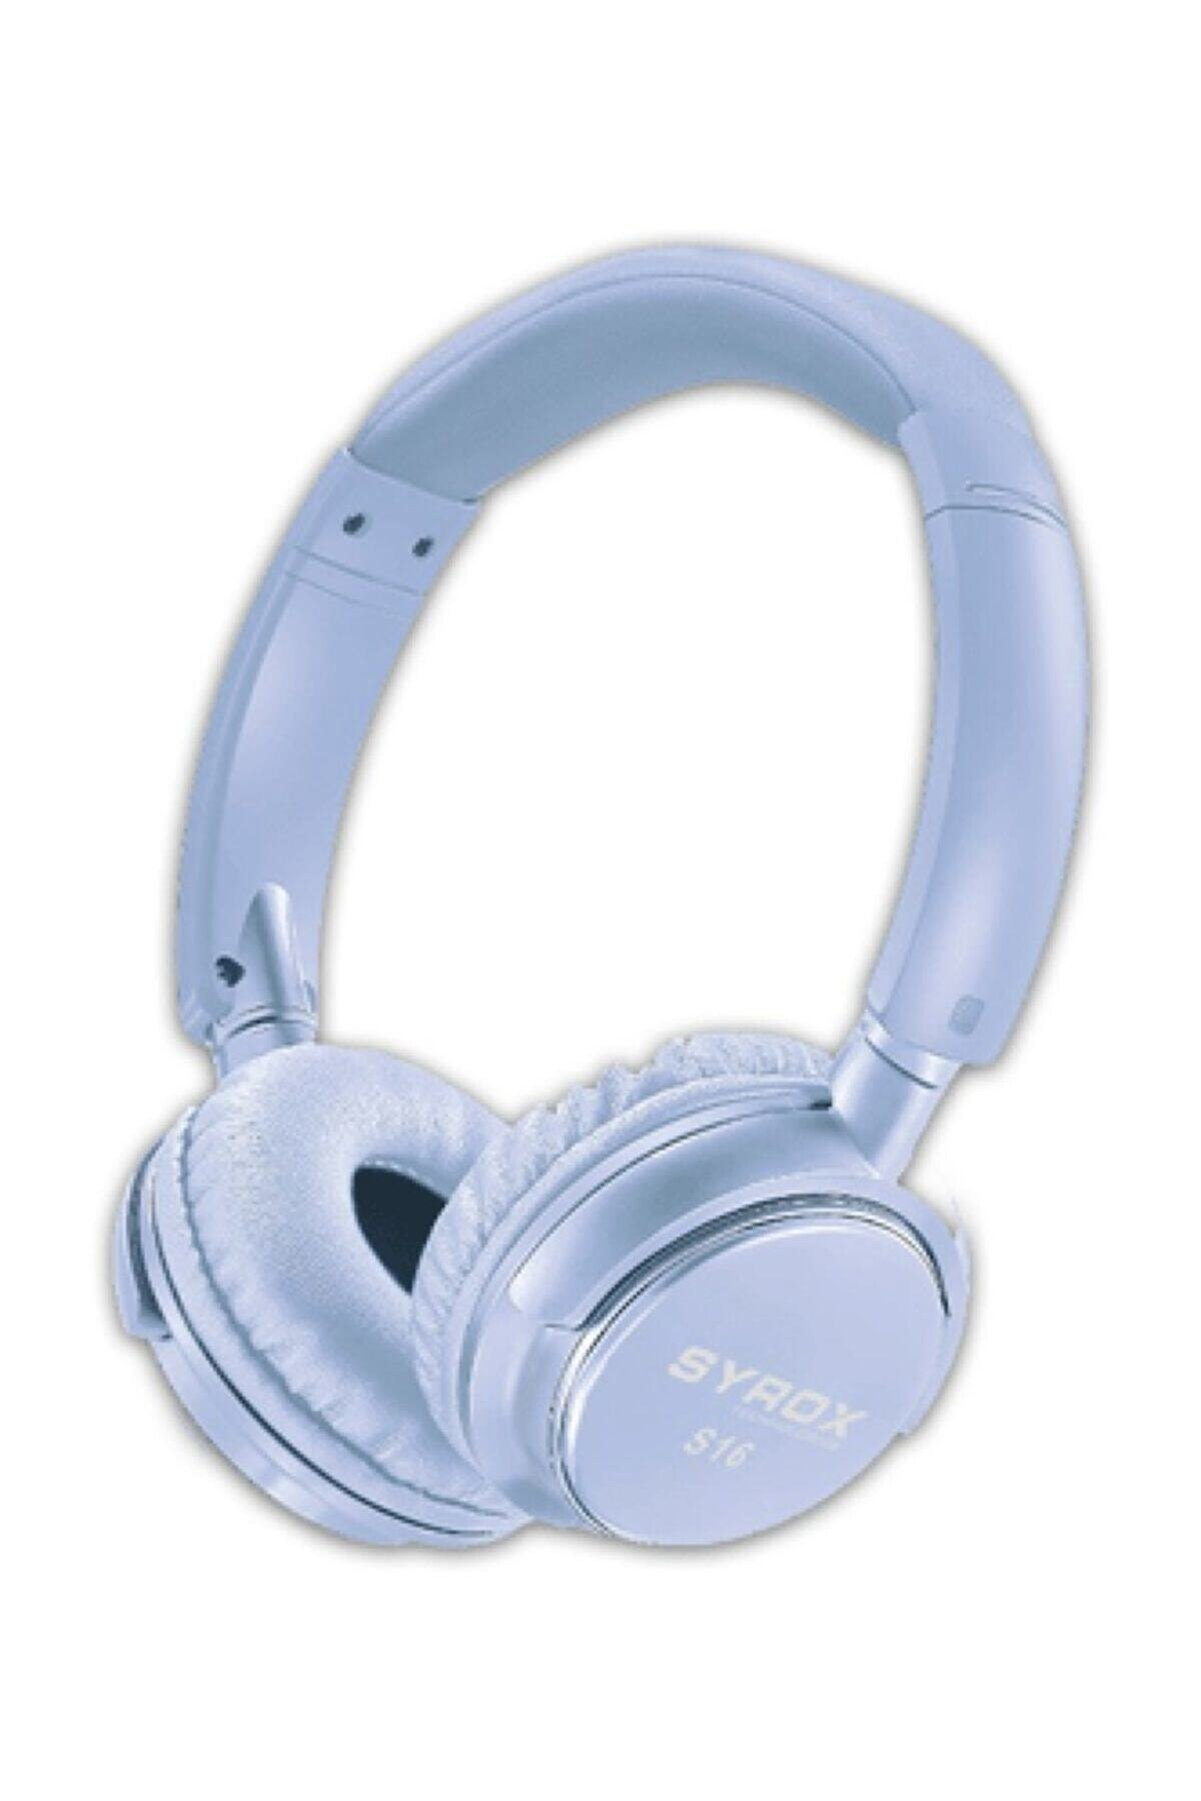 Syrox Kulaküstü Kablosuz Bluetooth Kulaklık Hafıza Kartı Girişli